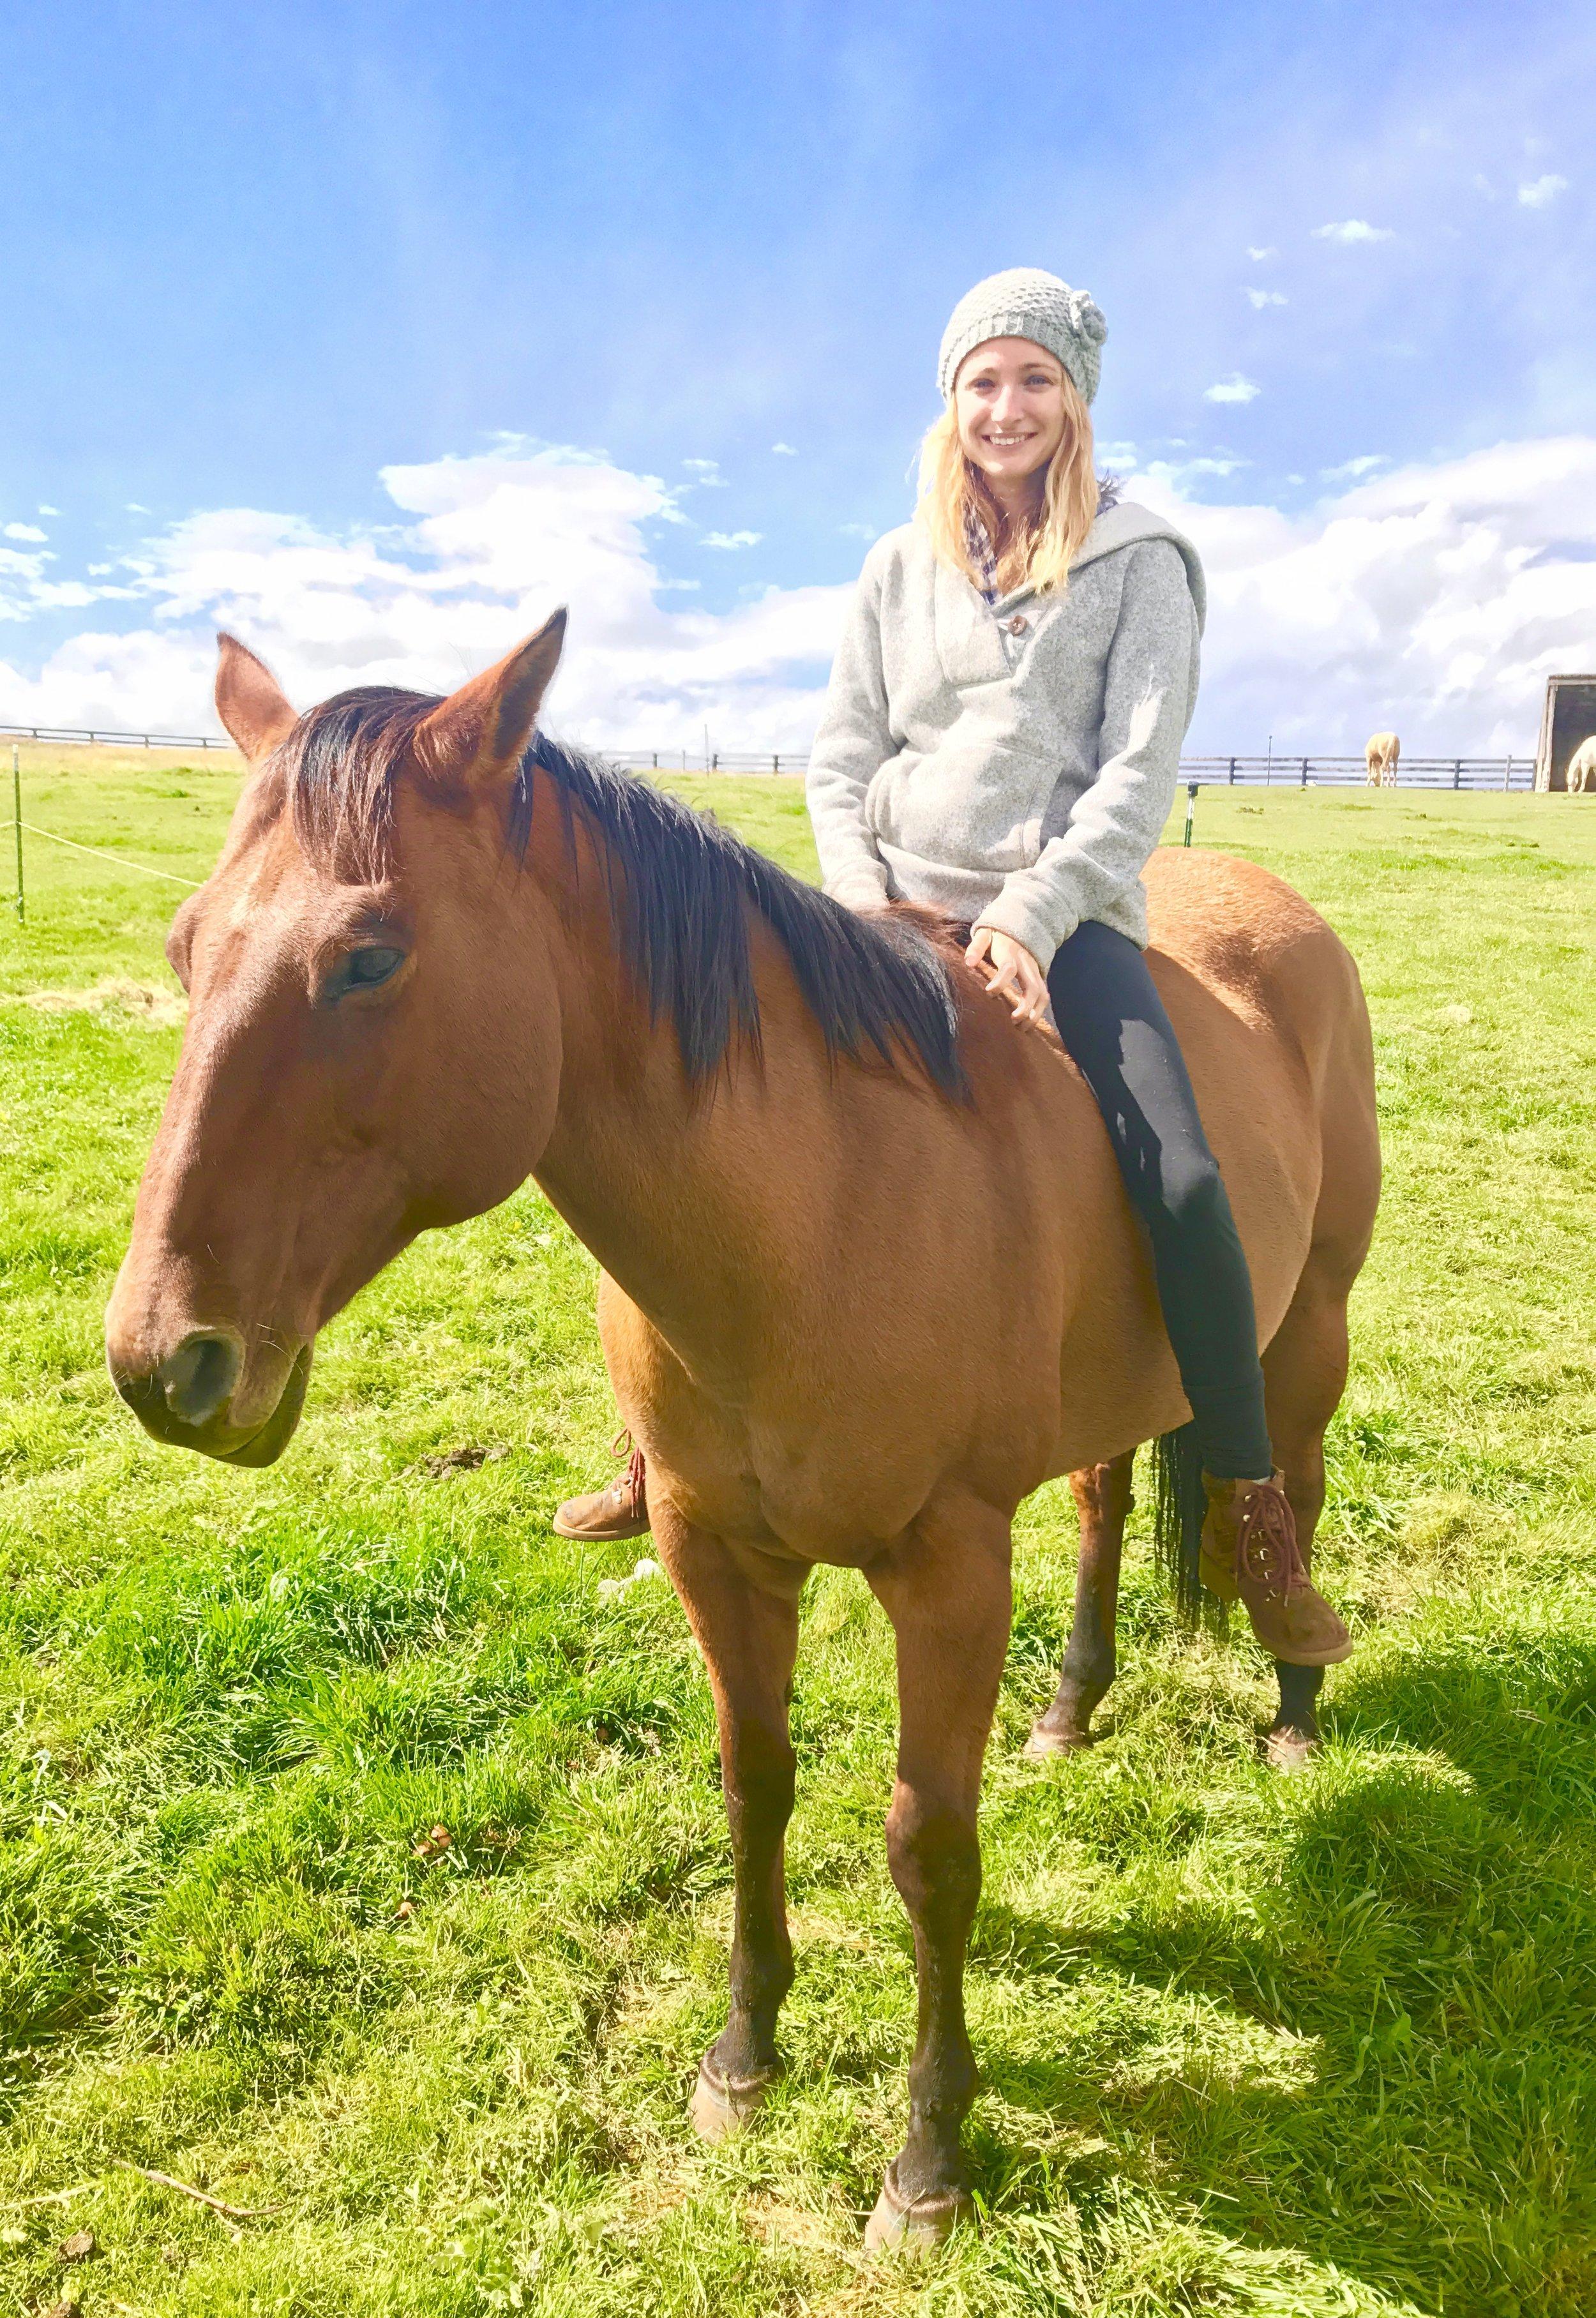 Natural Horsemanship and riding bareback at Cedar Ridge Ranch with Merrill Johnson